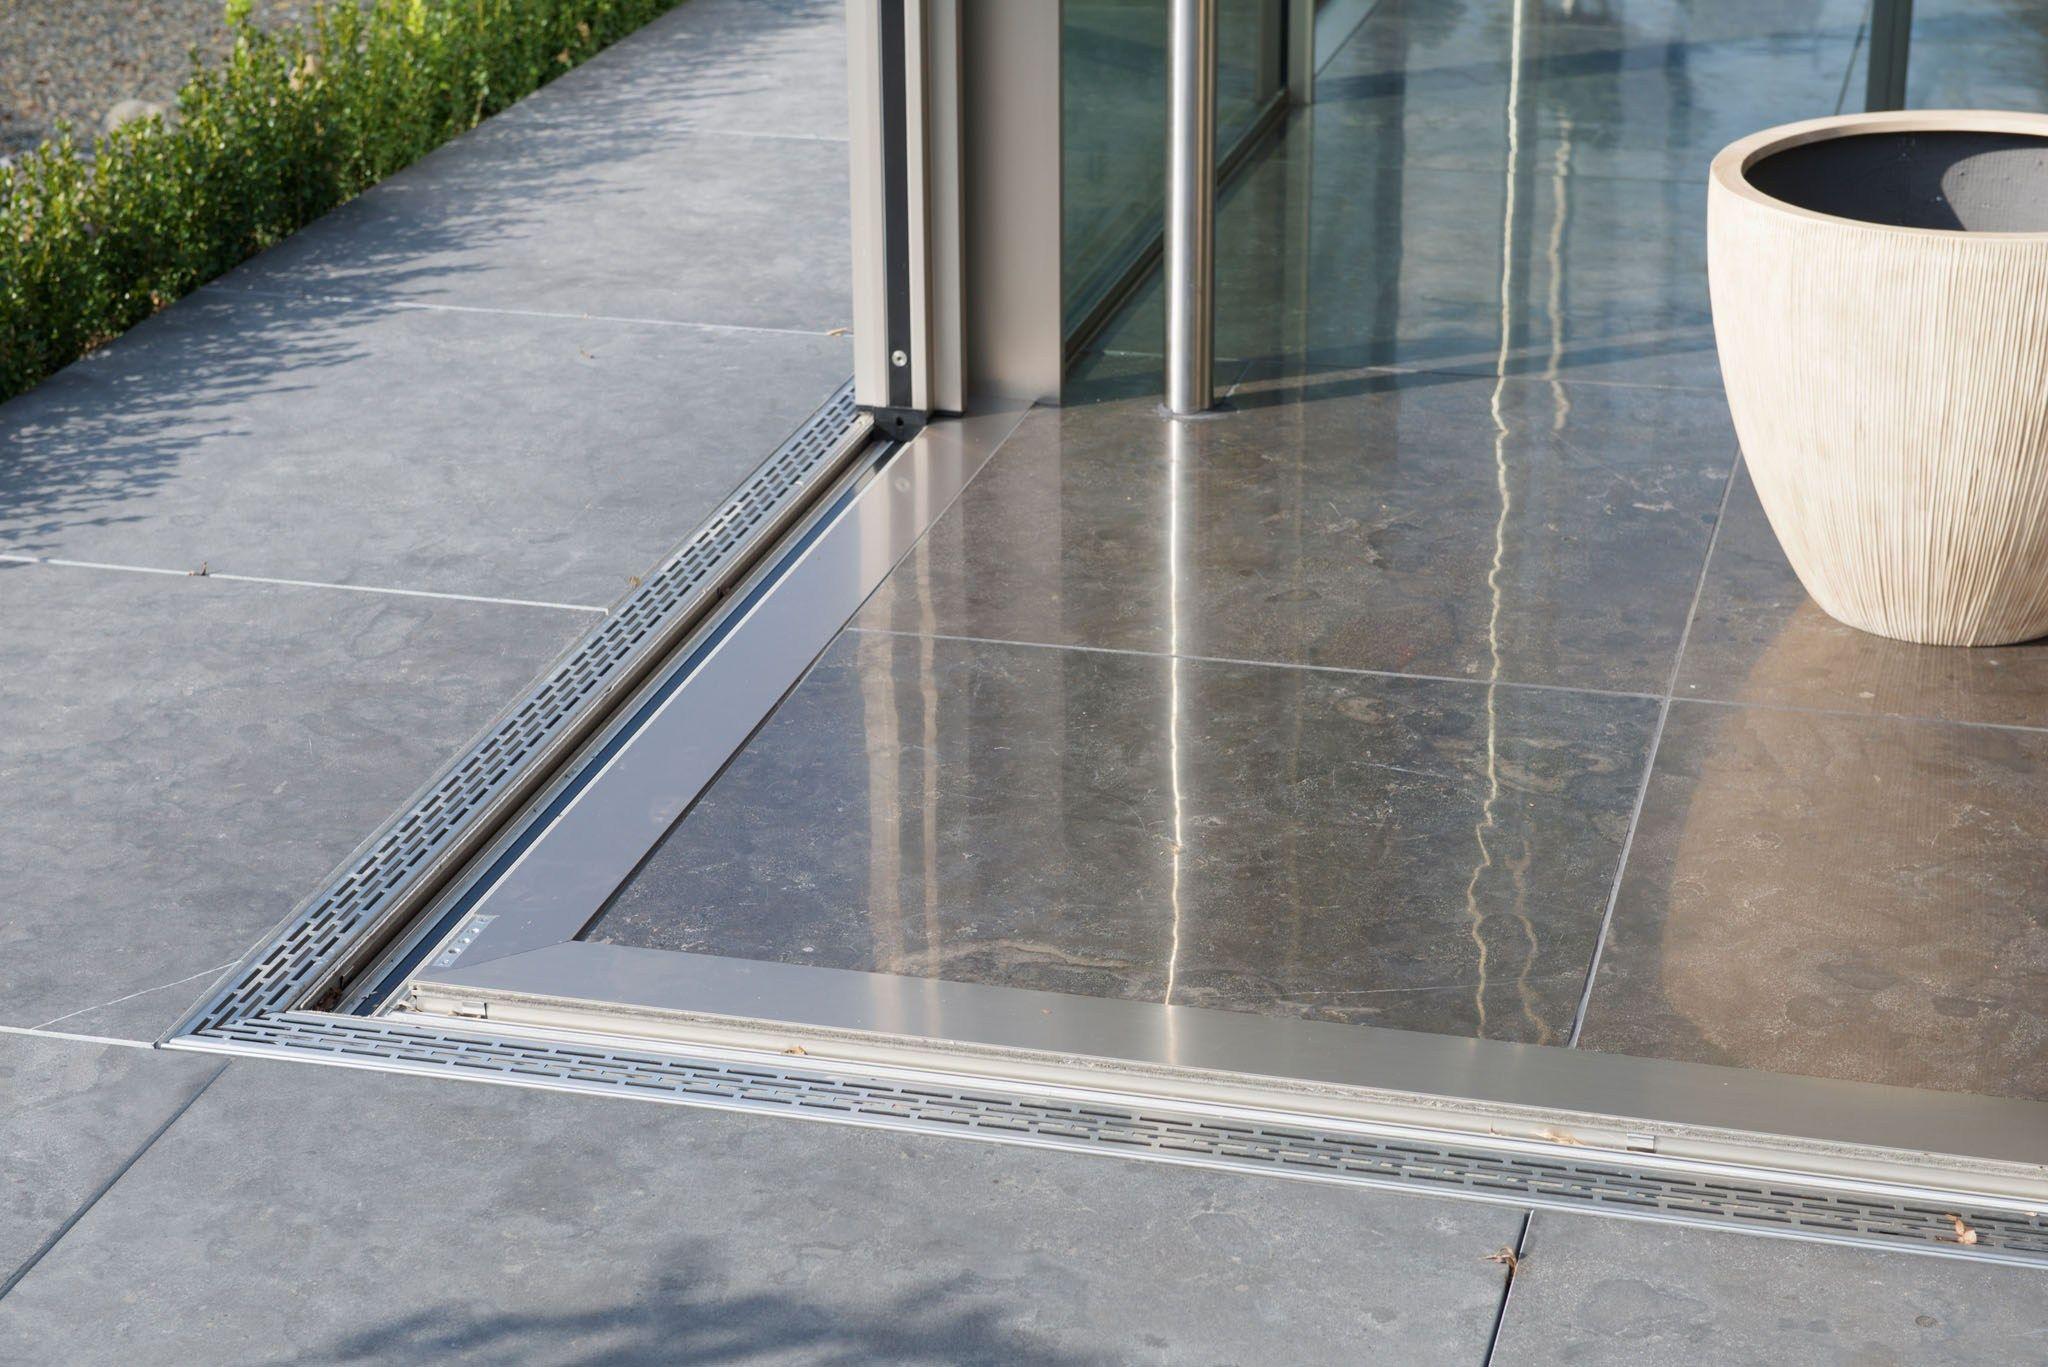 Keller Wintergarten filigrane wintergärten aus aluminium keller glasshouse by keller